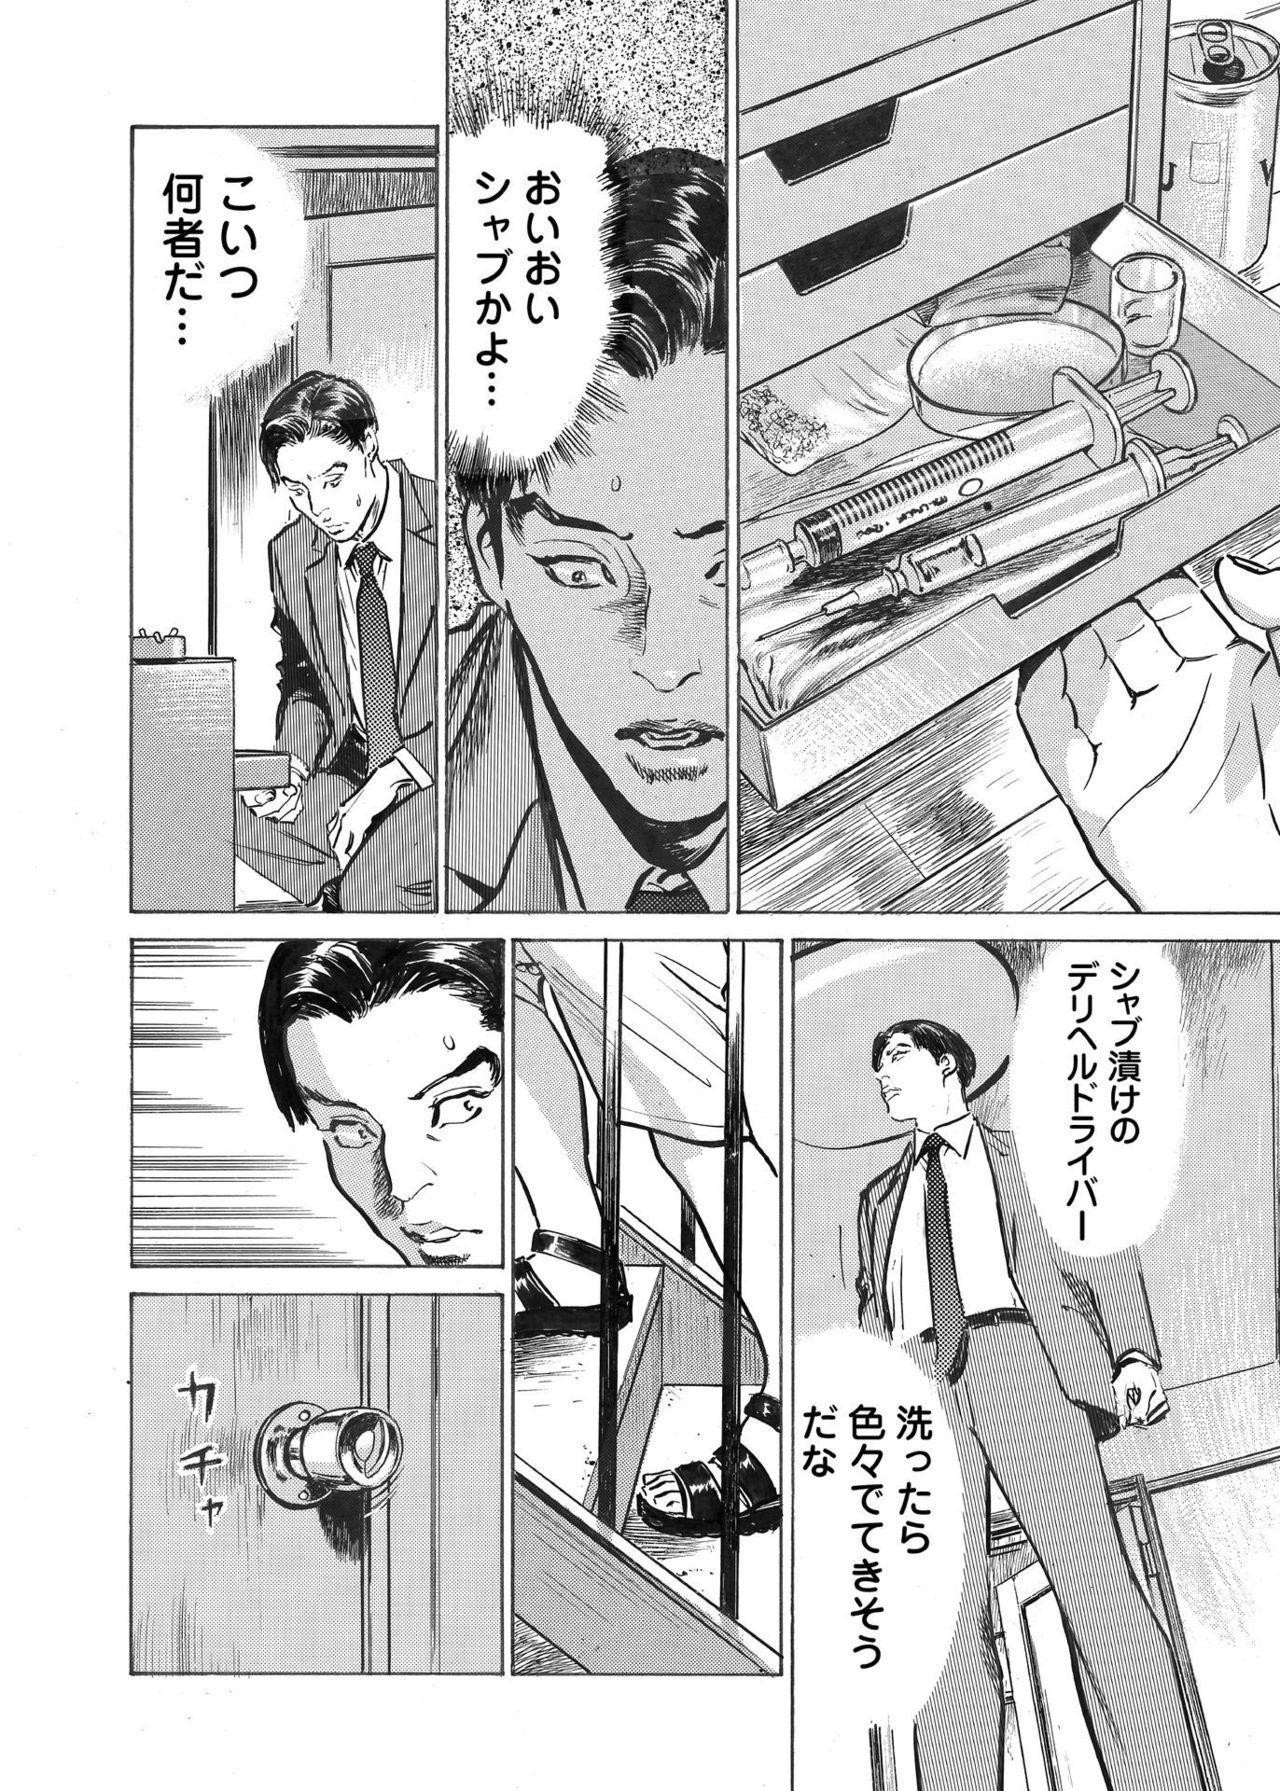 Ore wa Tsuma no Koto o Yoku Shiranai 1-9 175